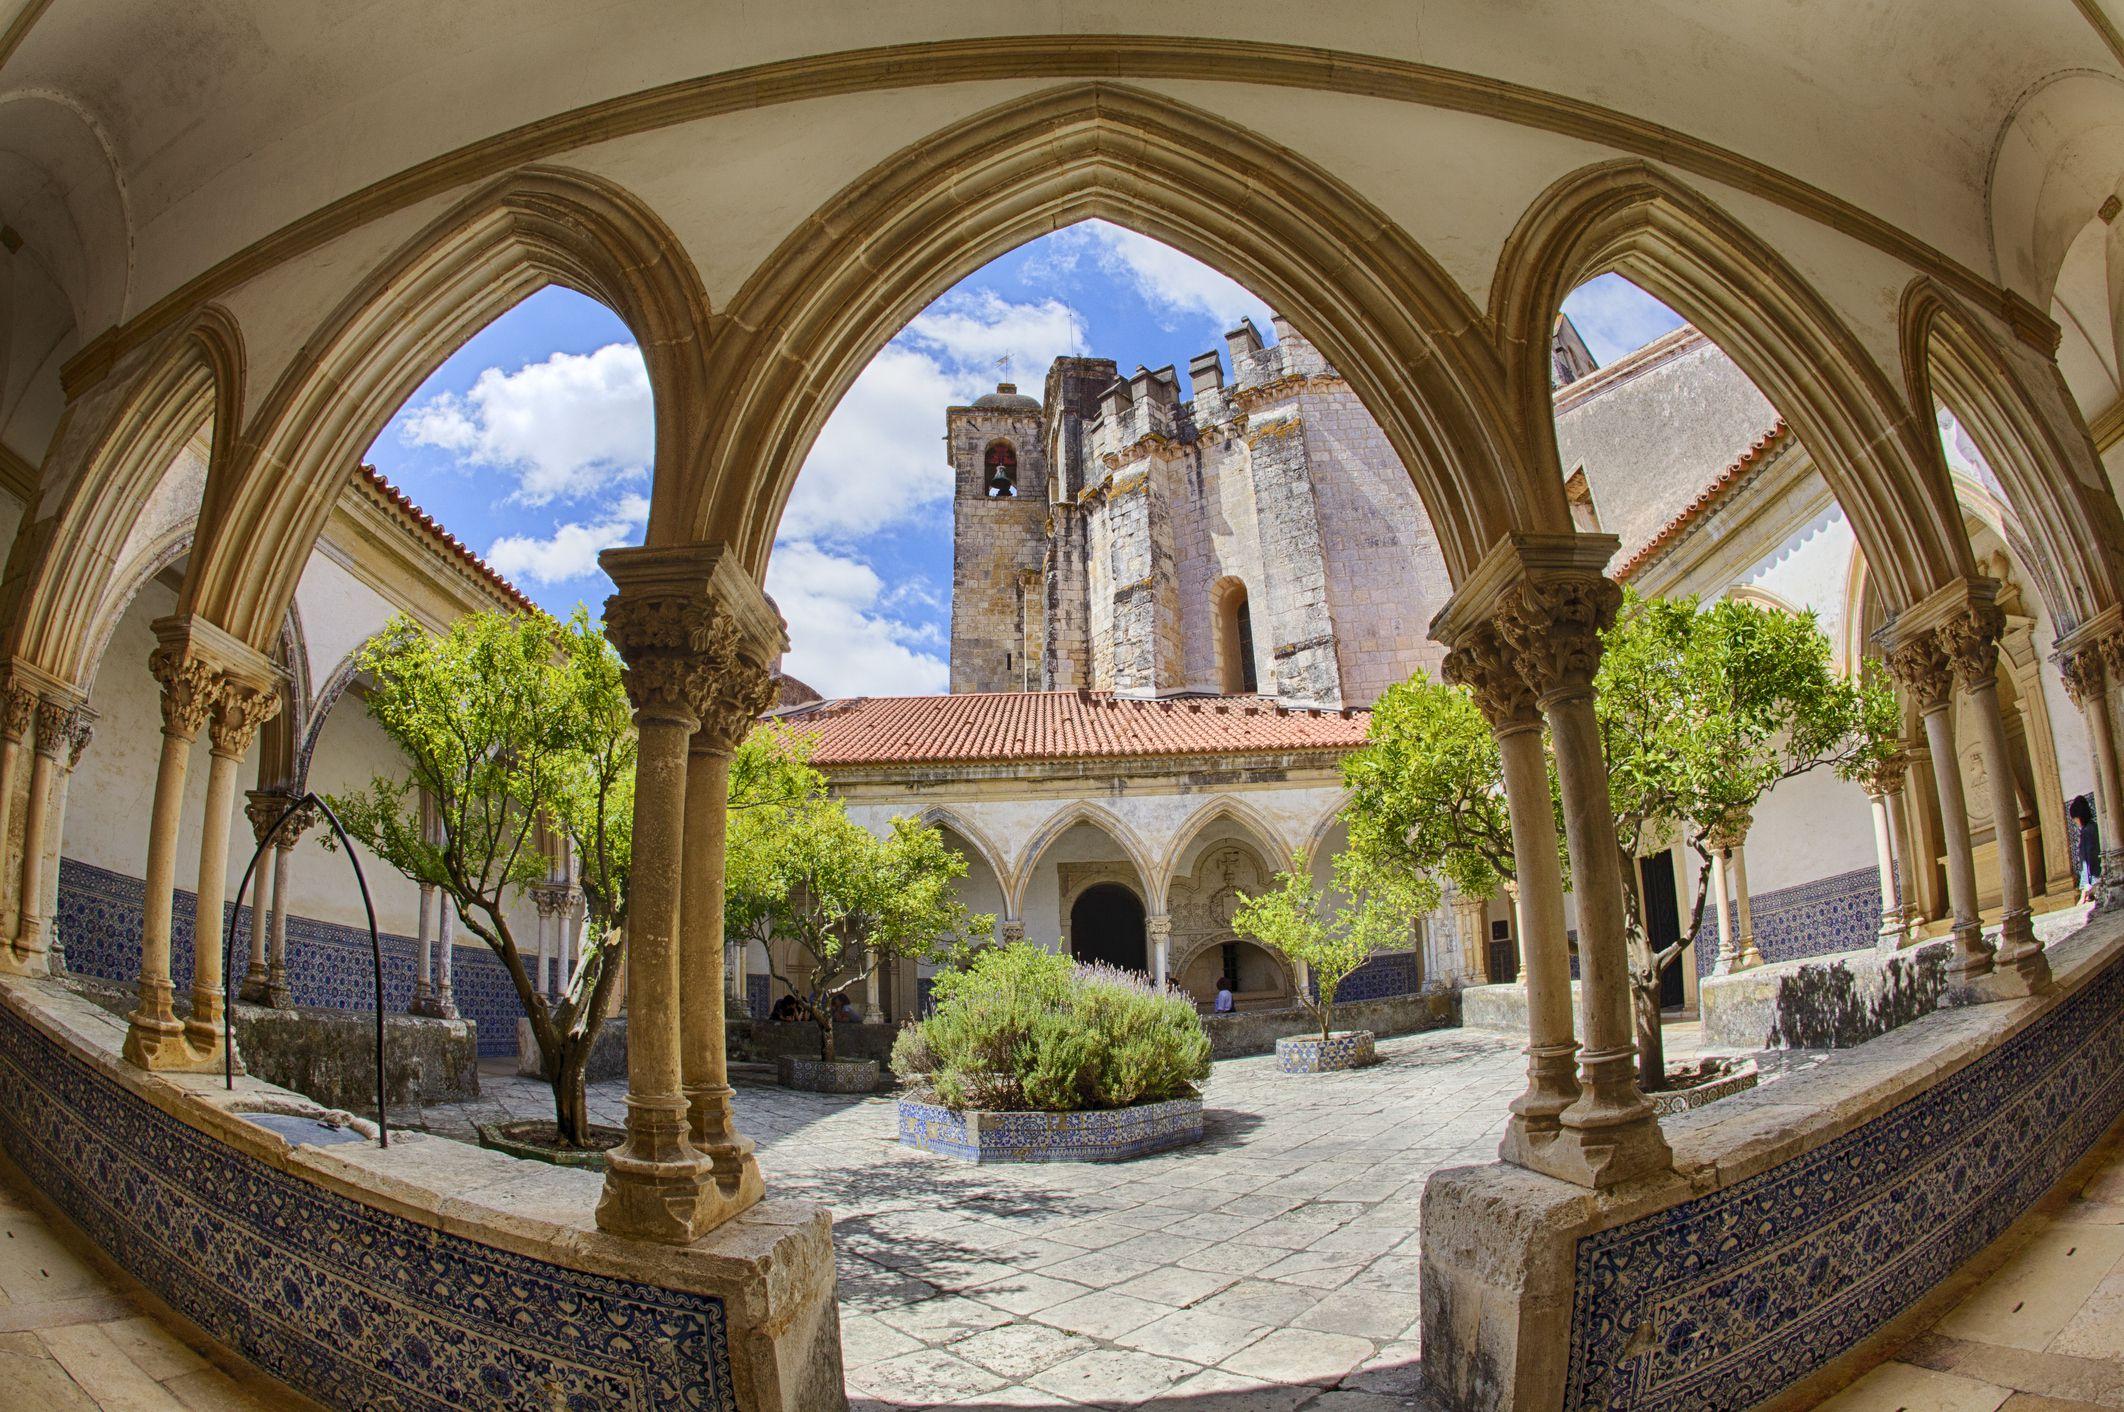 Portugal's Convento de Cristo: The Complete Guide